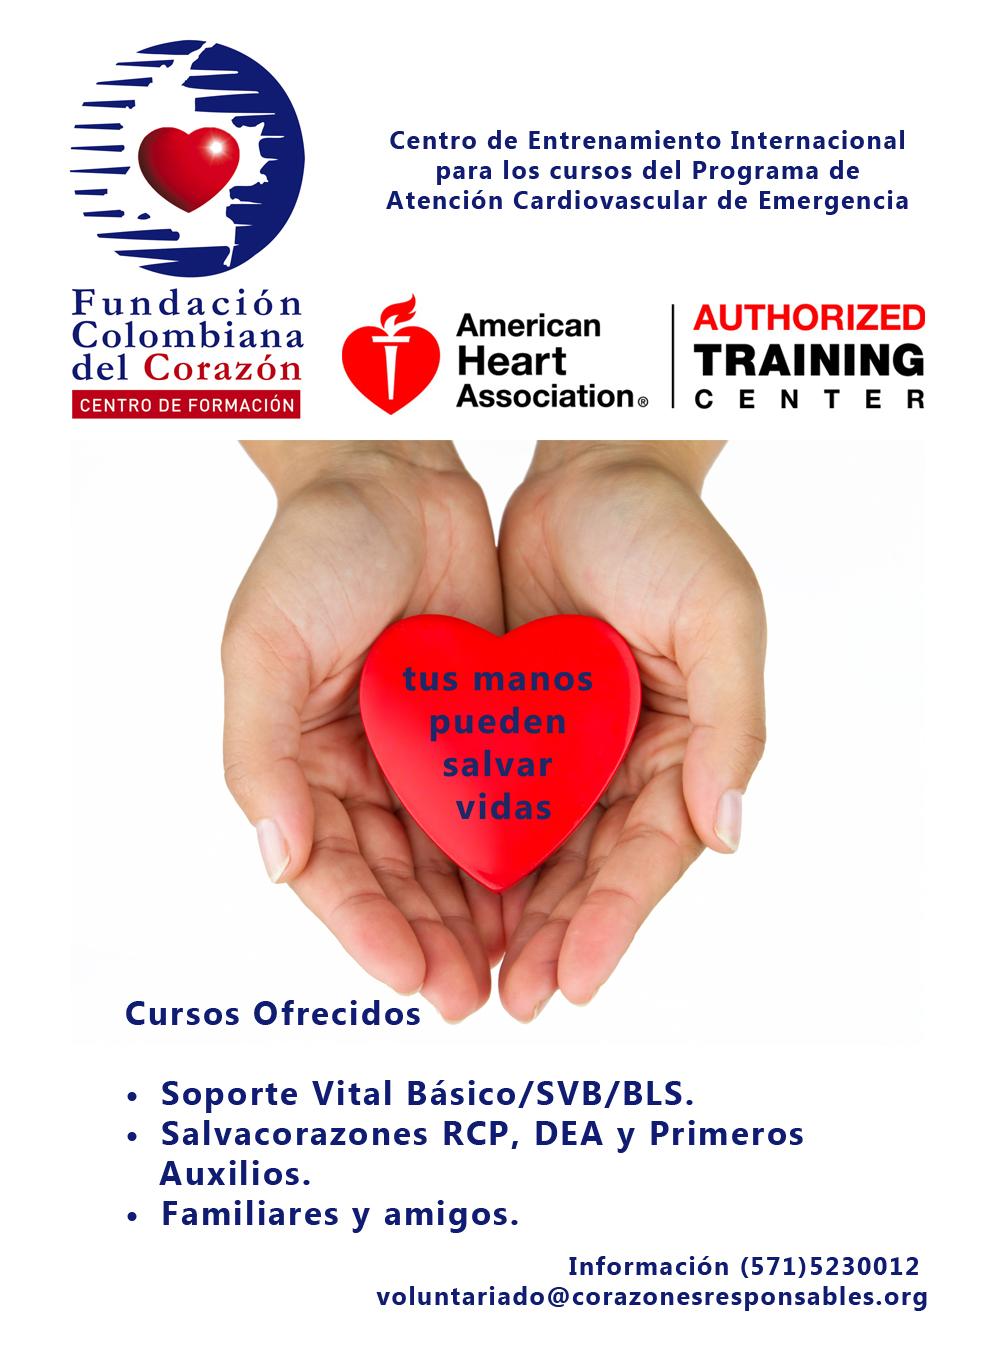 1Centro de Entrenamiento Internacional para los cursos del programa de Atención Cardiovascular de Emergencia